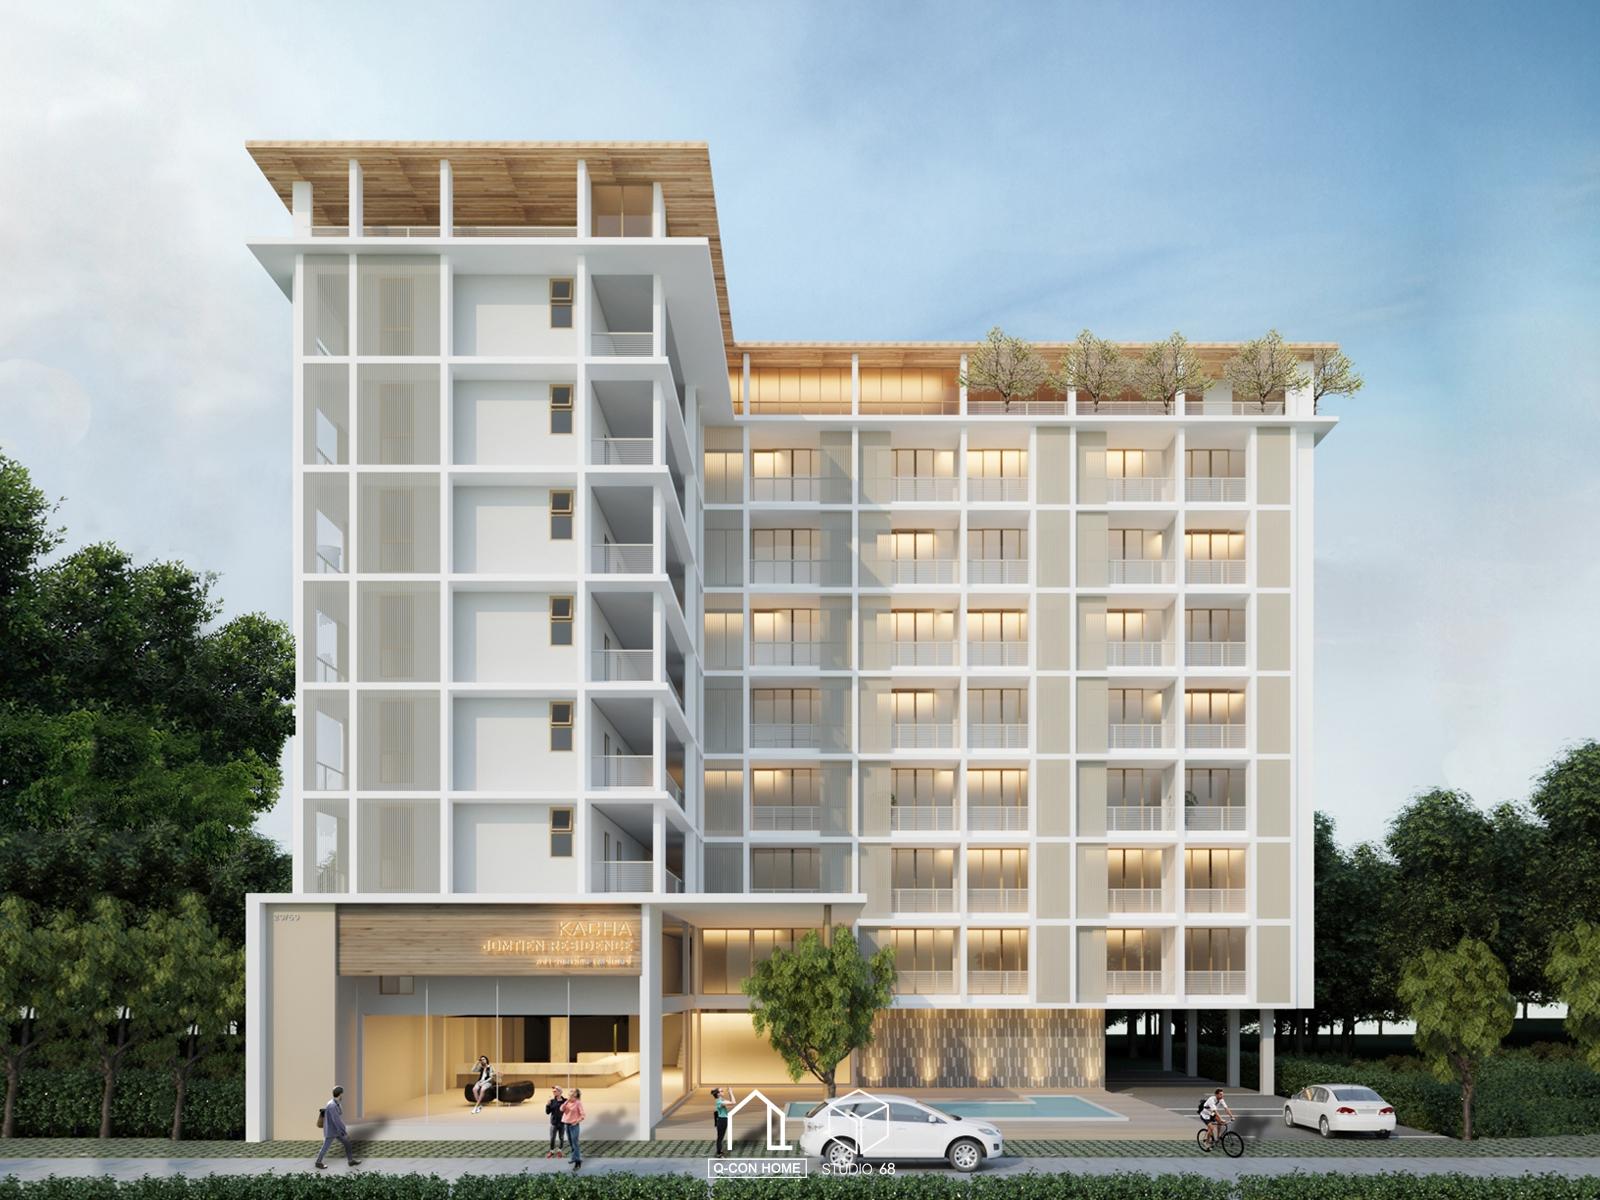 รับออกแบบโรงแรม, รับสร้างโรงแรม, บริษัทออกแบบโรงแรม, Kacha Hotel